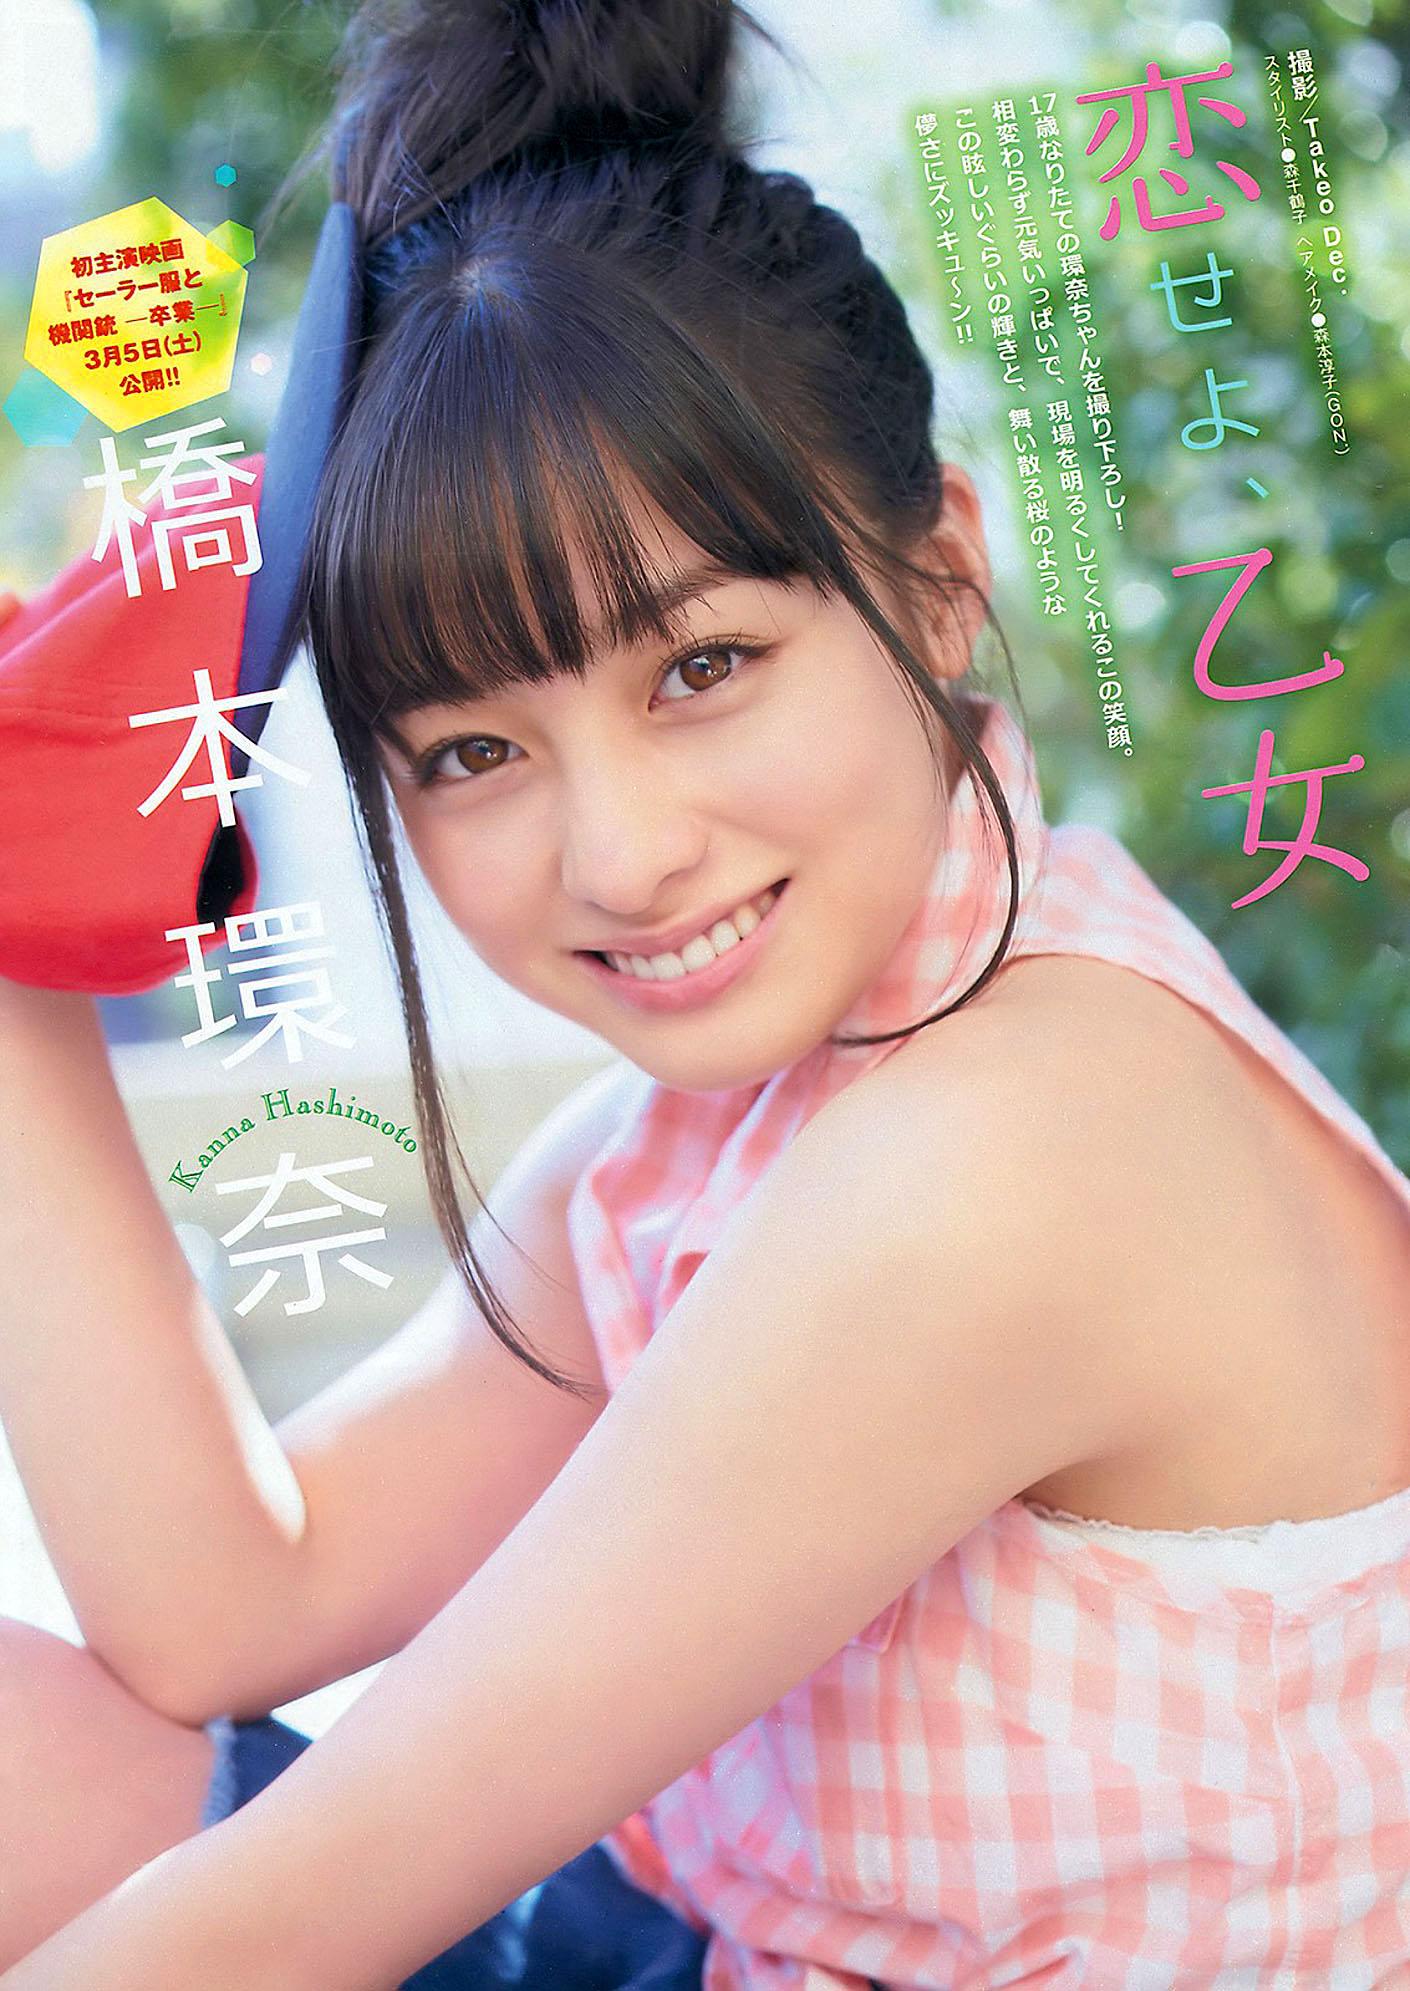 KHashimoto Young Magazine 160314 02.jpg